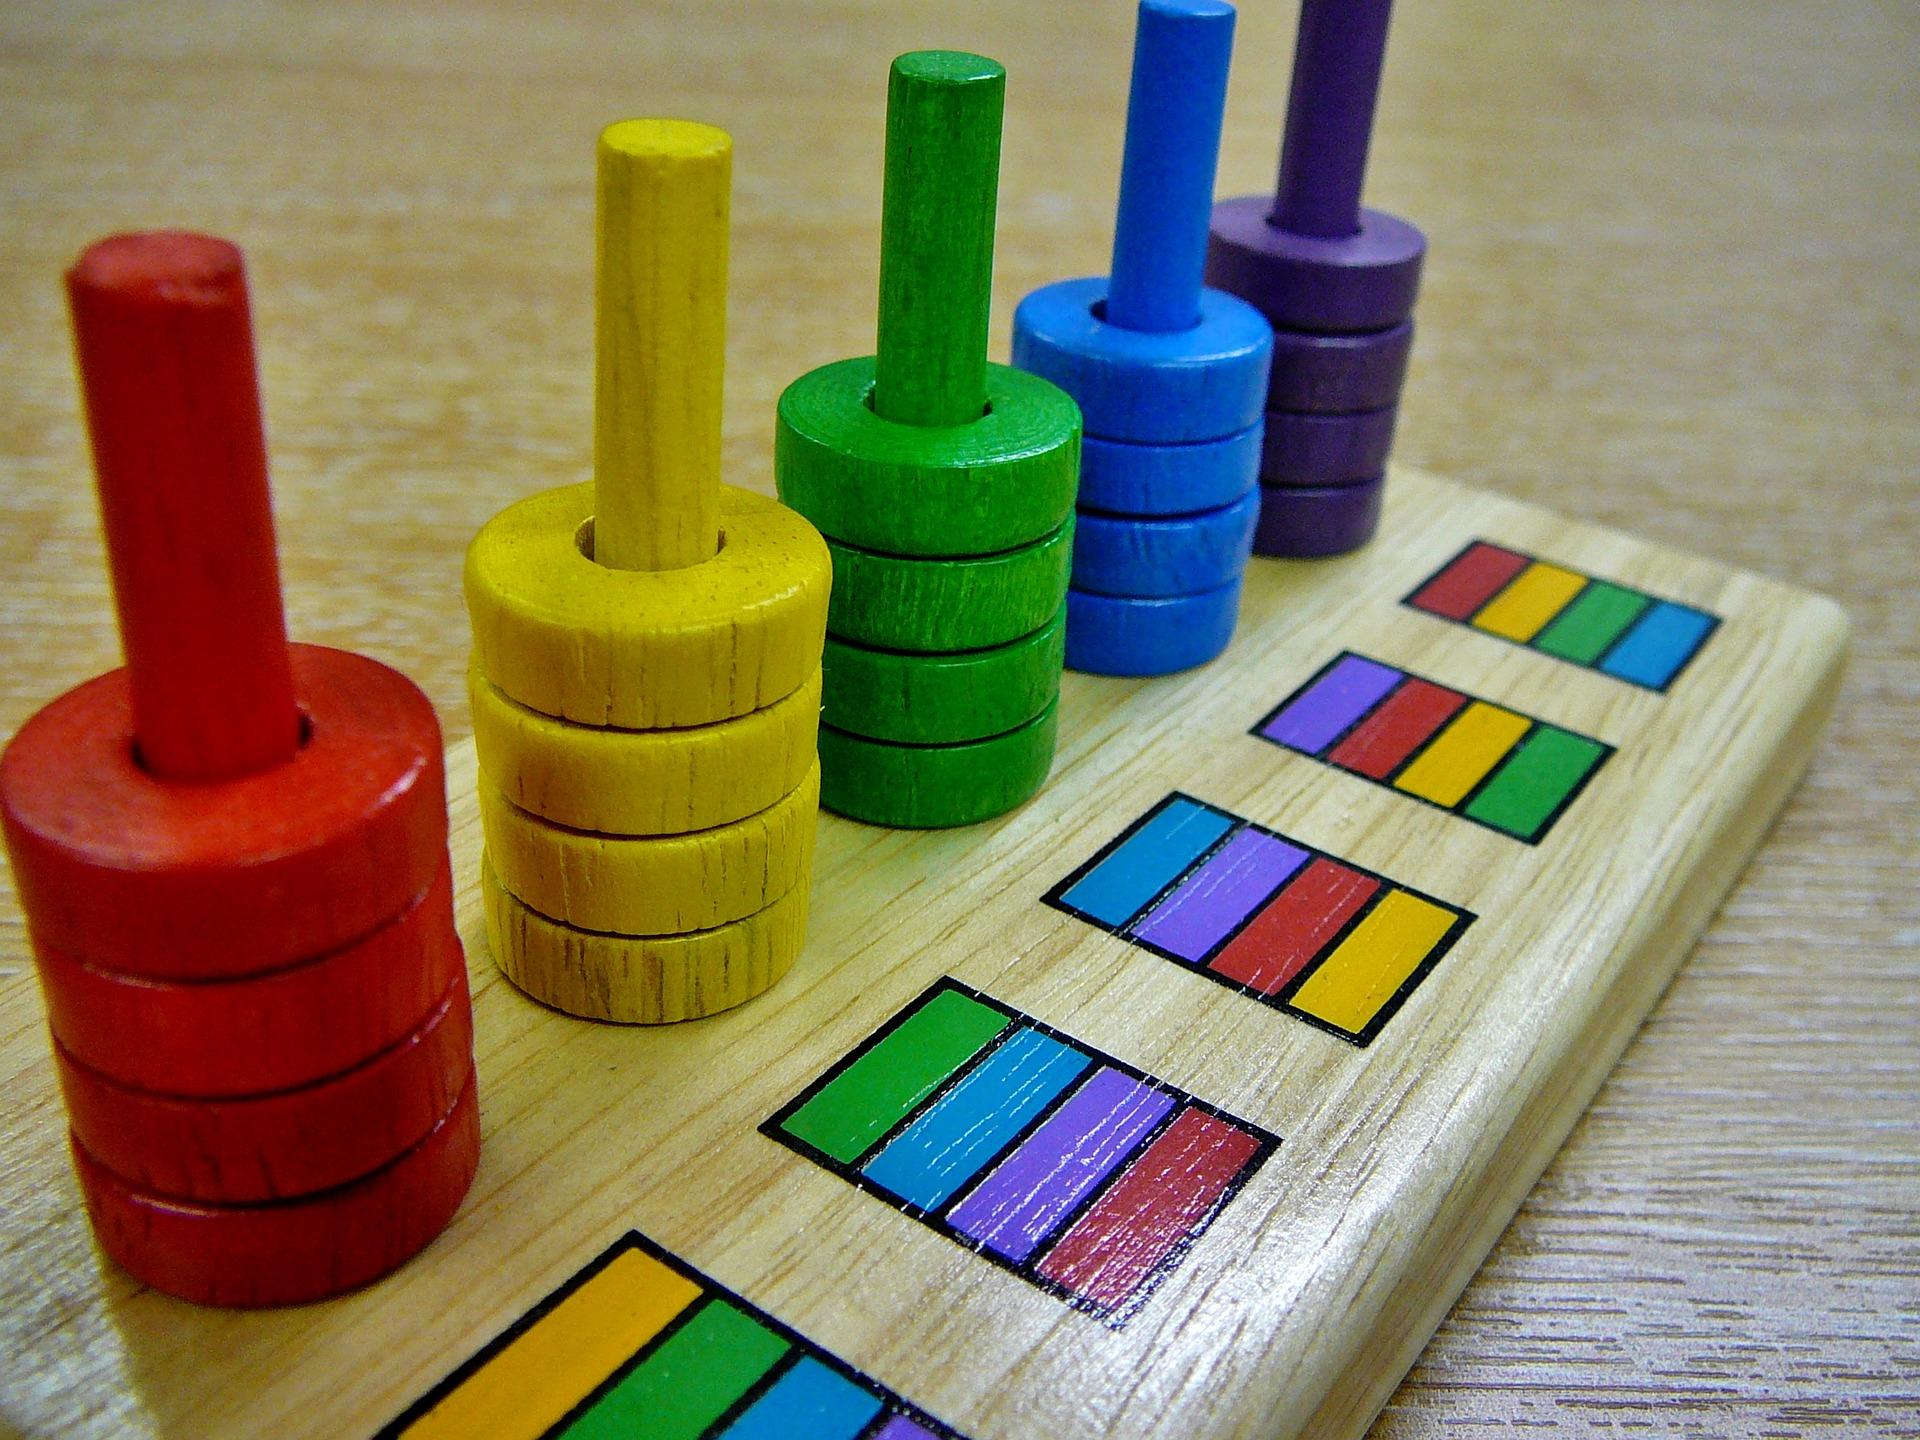 colours-2163526_1920.jpg